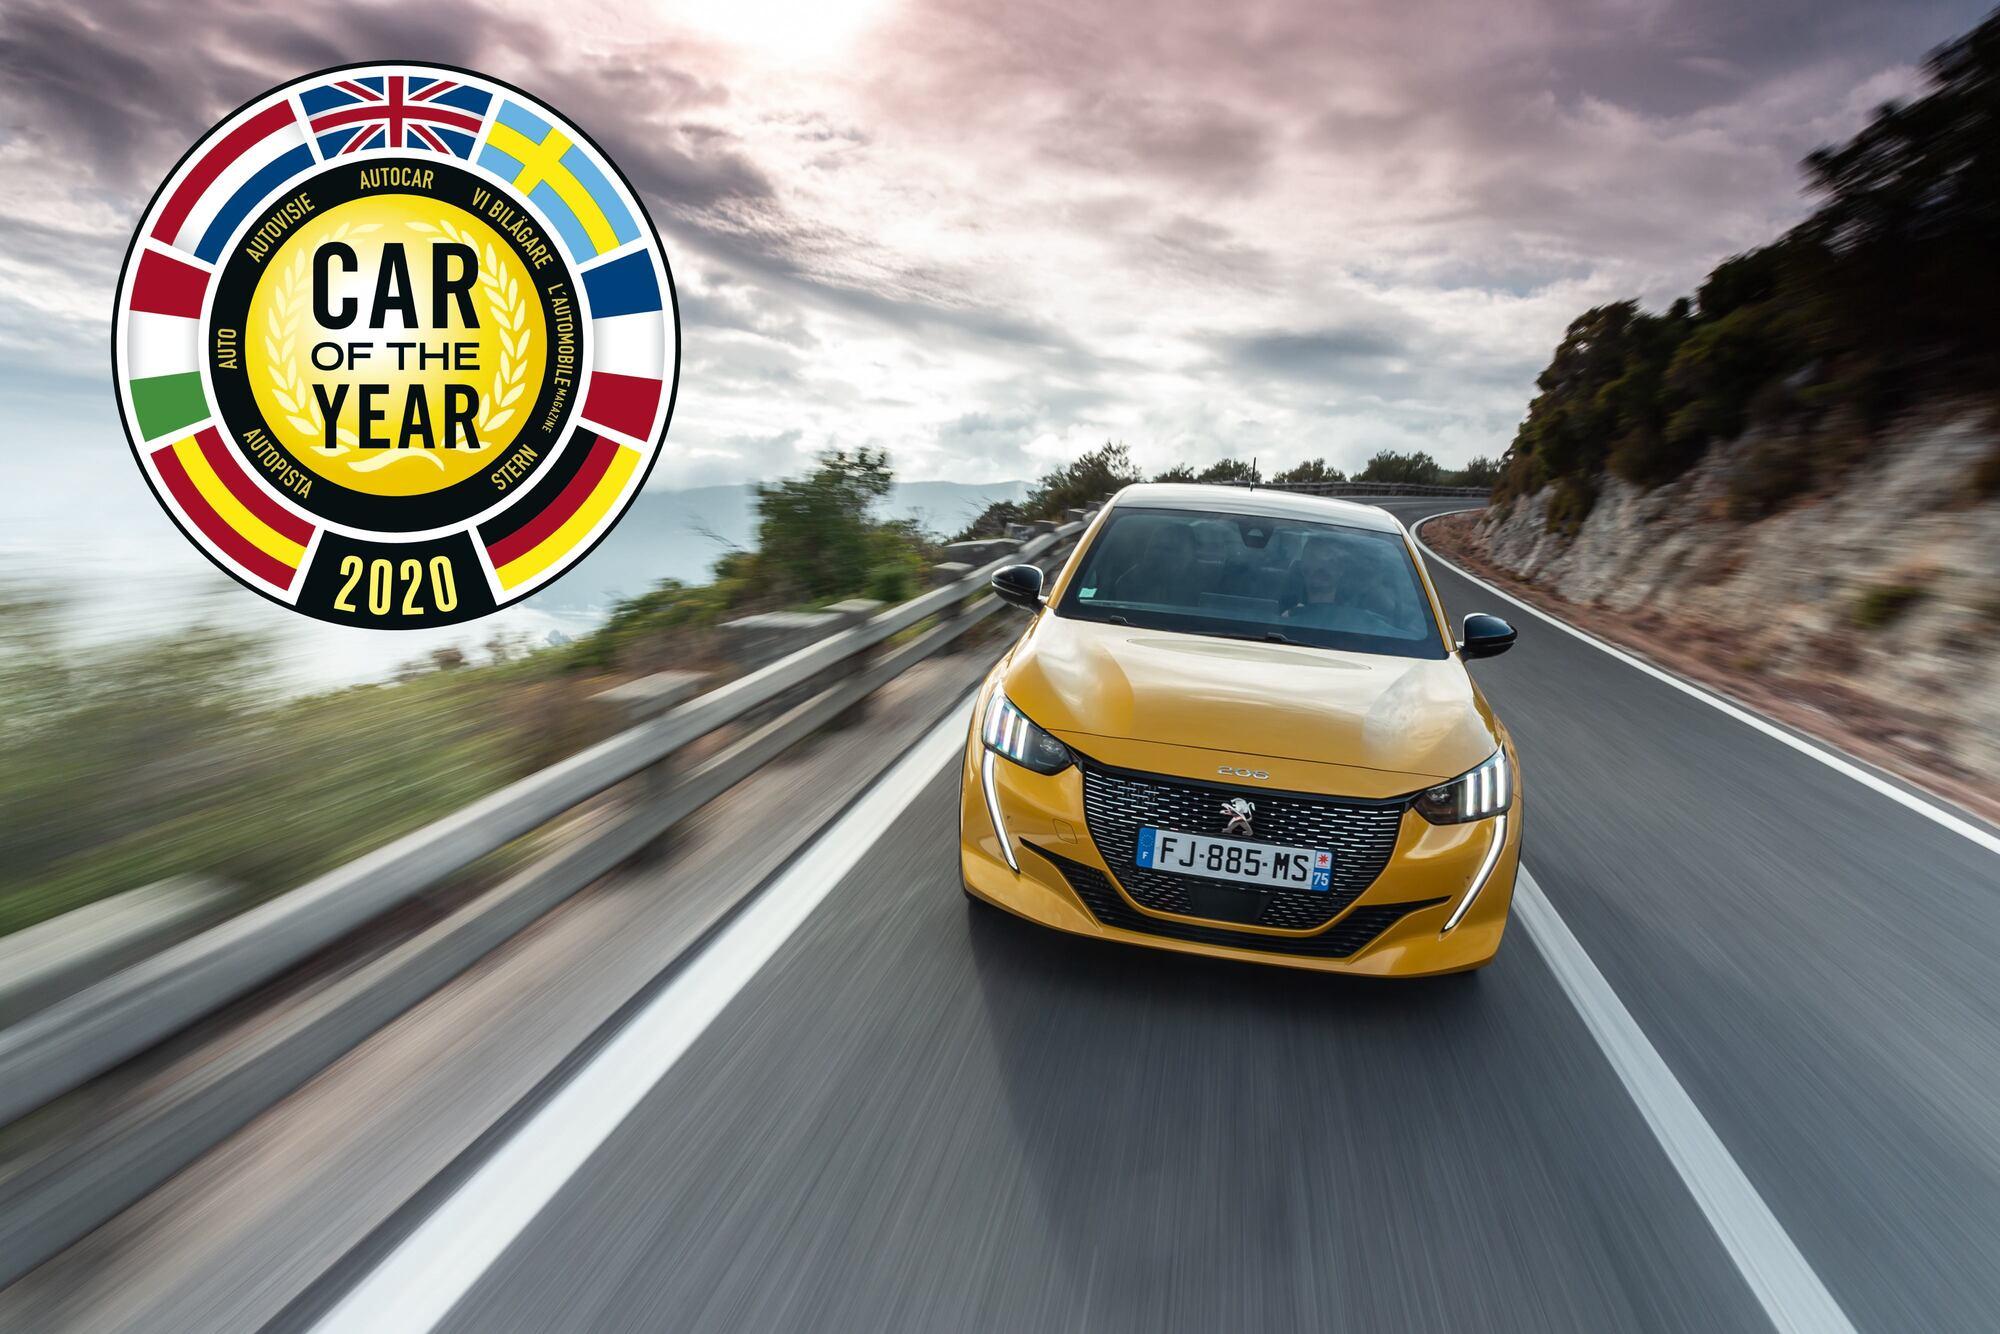 Peugeot 208 принес компании 6-ю победу за всю историю конкурса